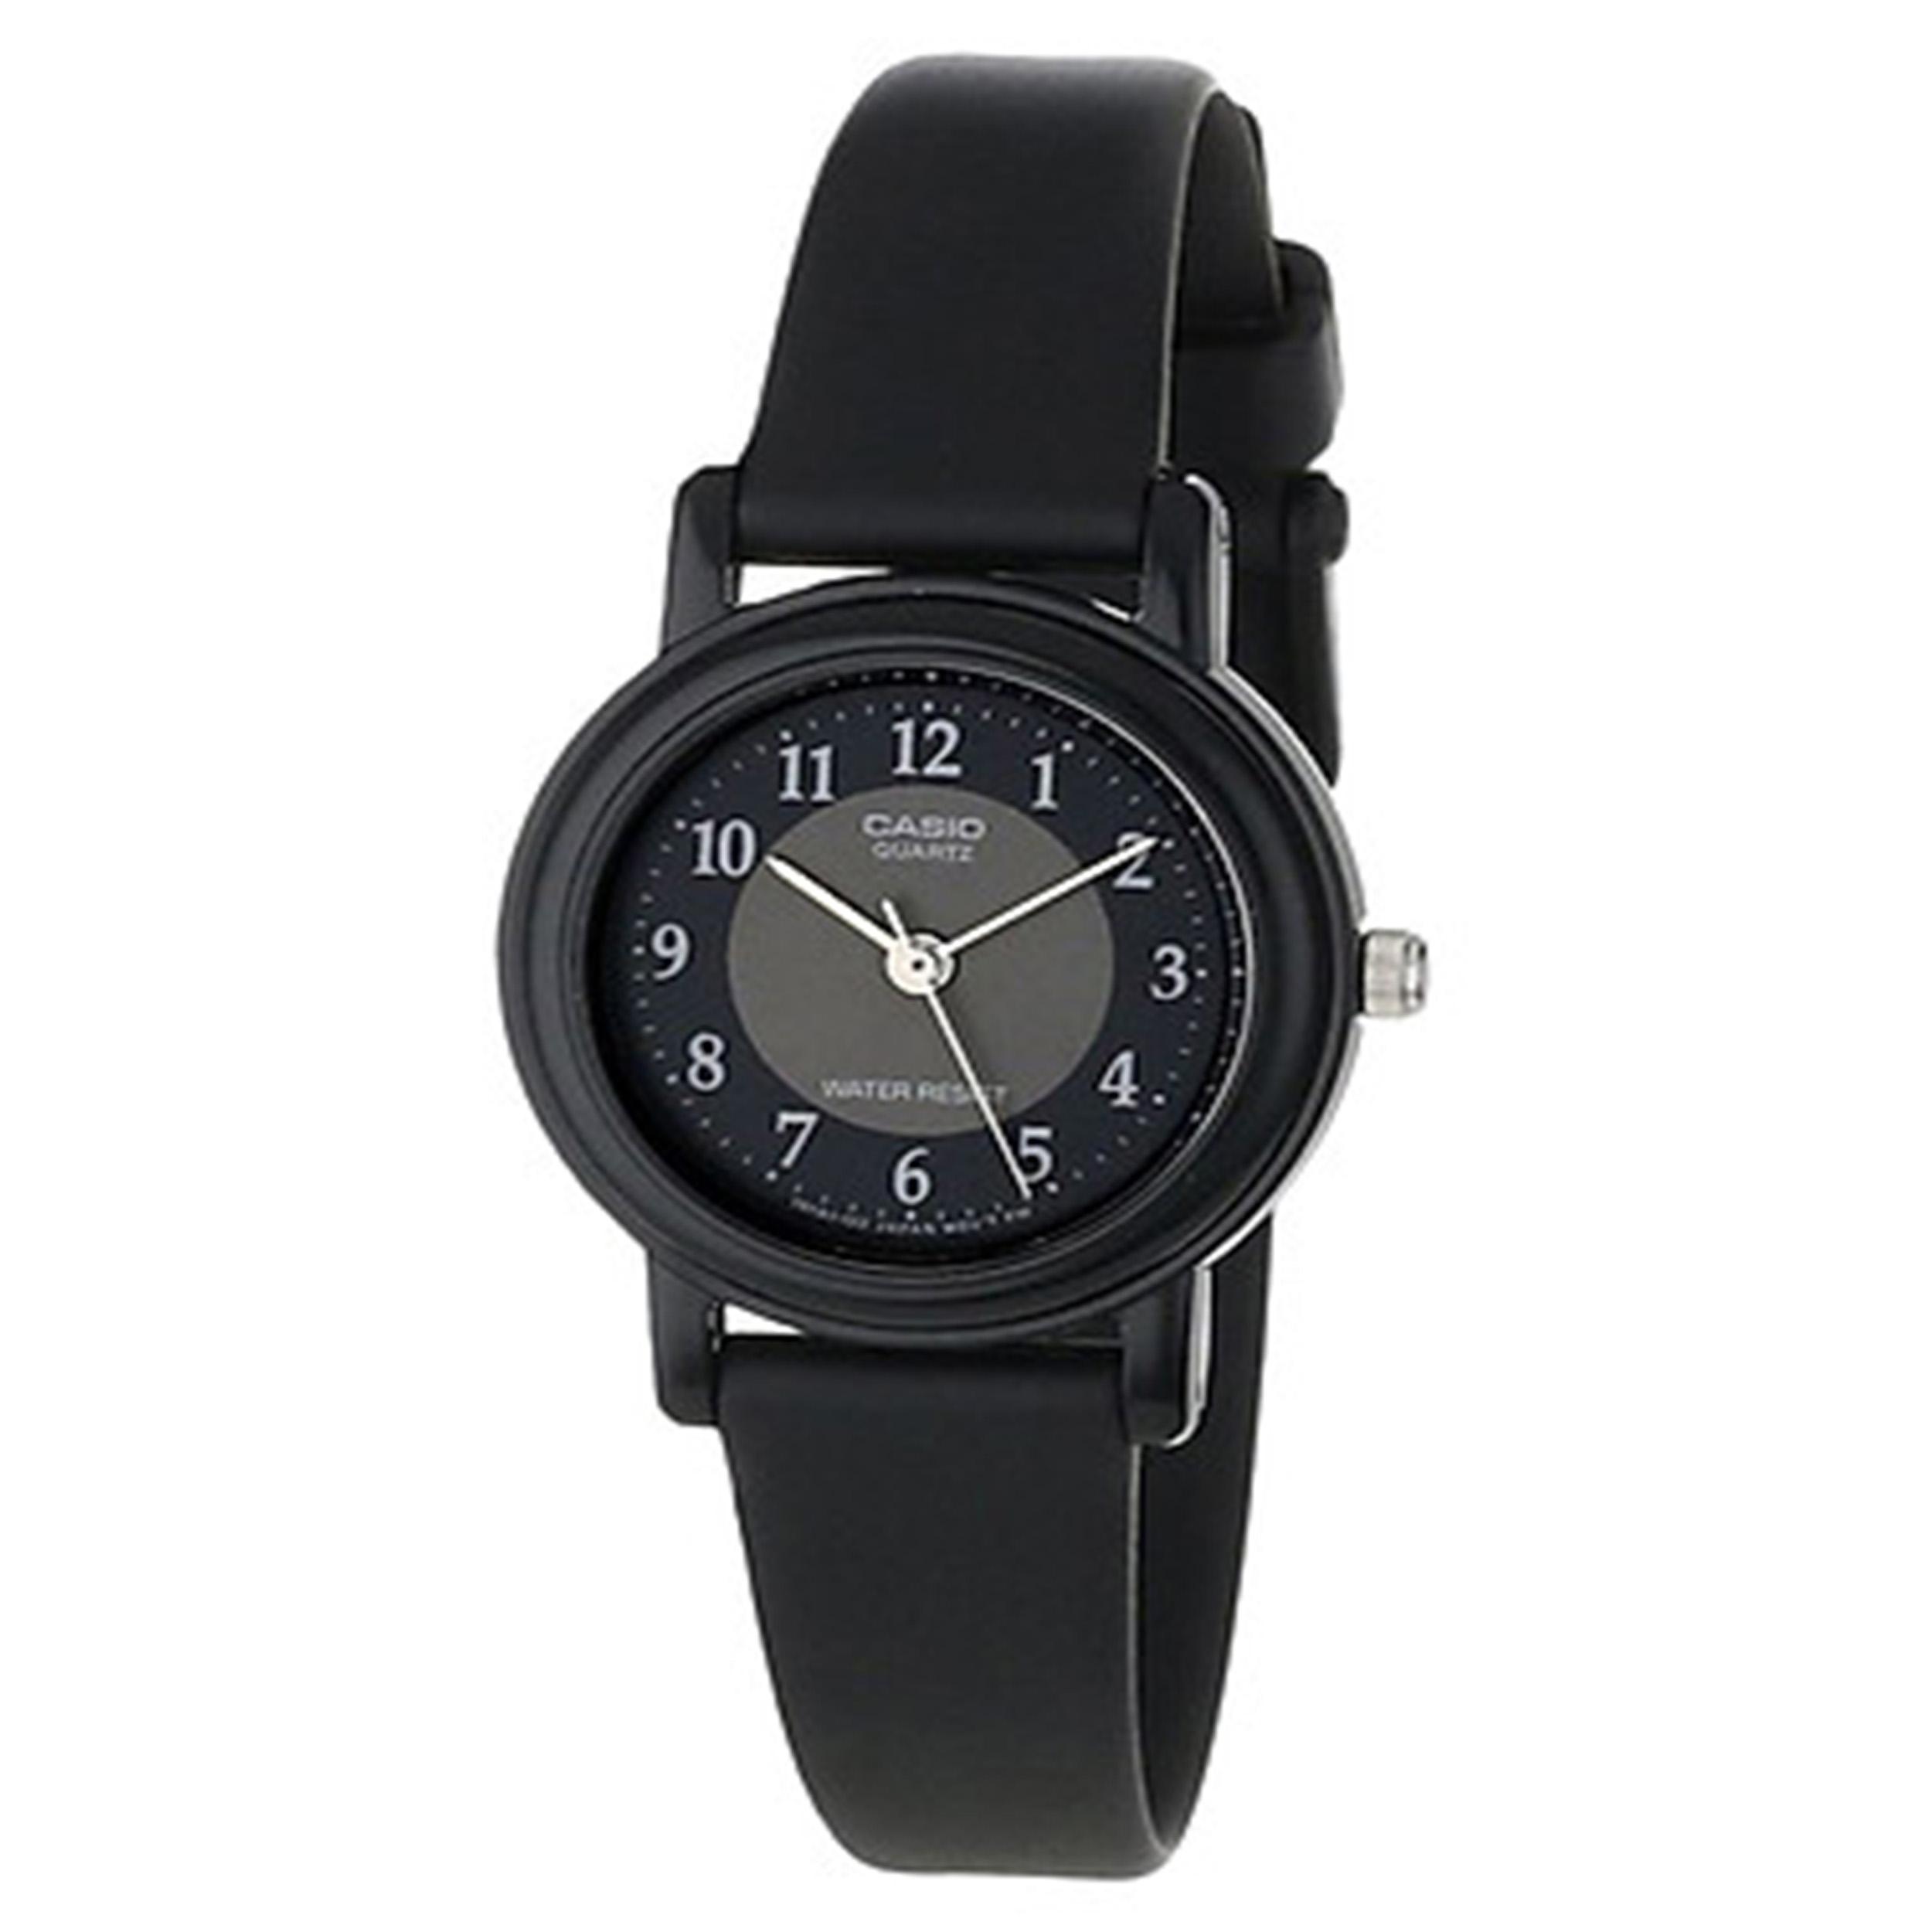 ساعت مچی عقربه ای کاسیو مدل LQ-139AMV-1B3LDF              خرید (⭐️⭐️⭐️)